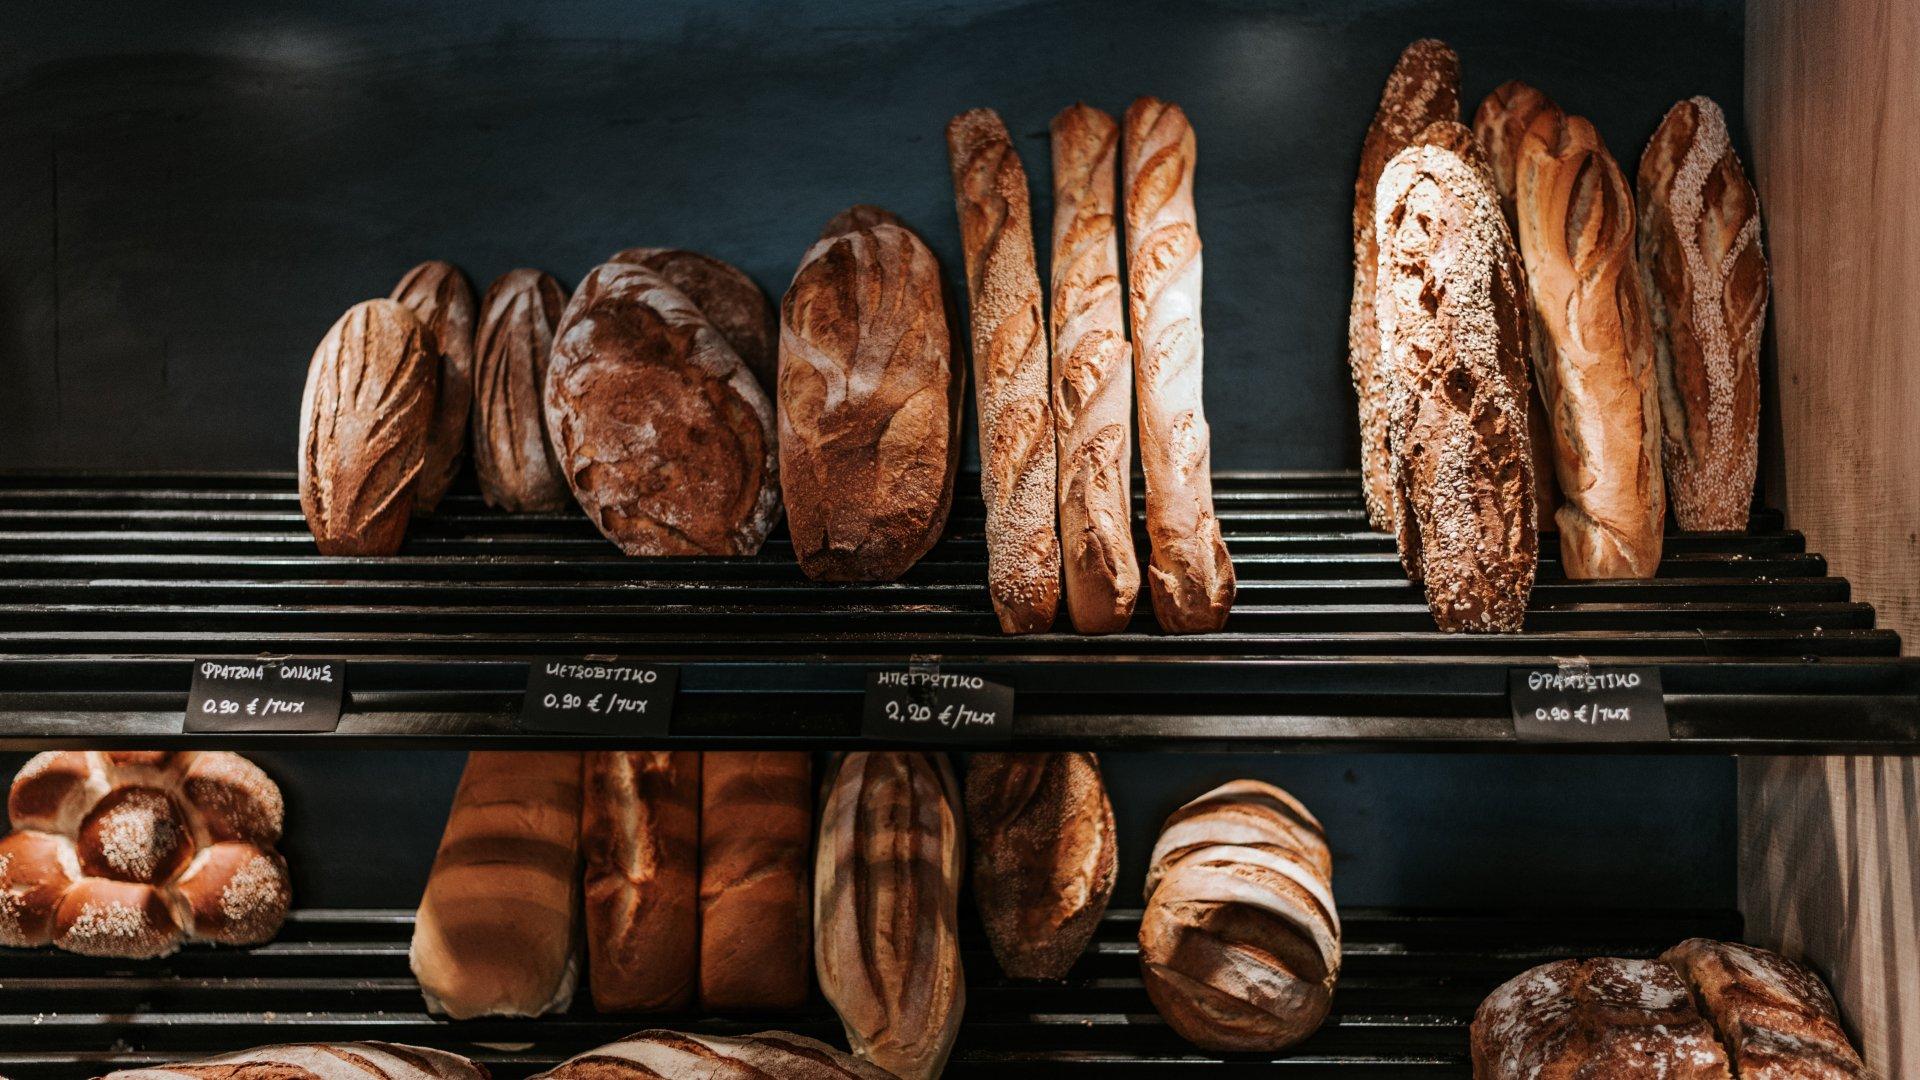 Pékáruk egy pékség kirakatában